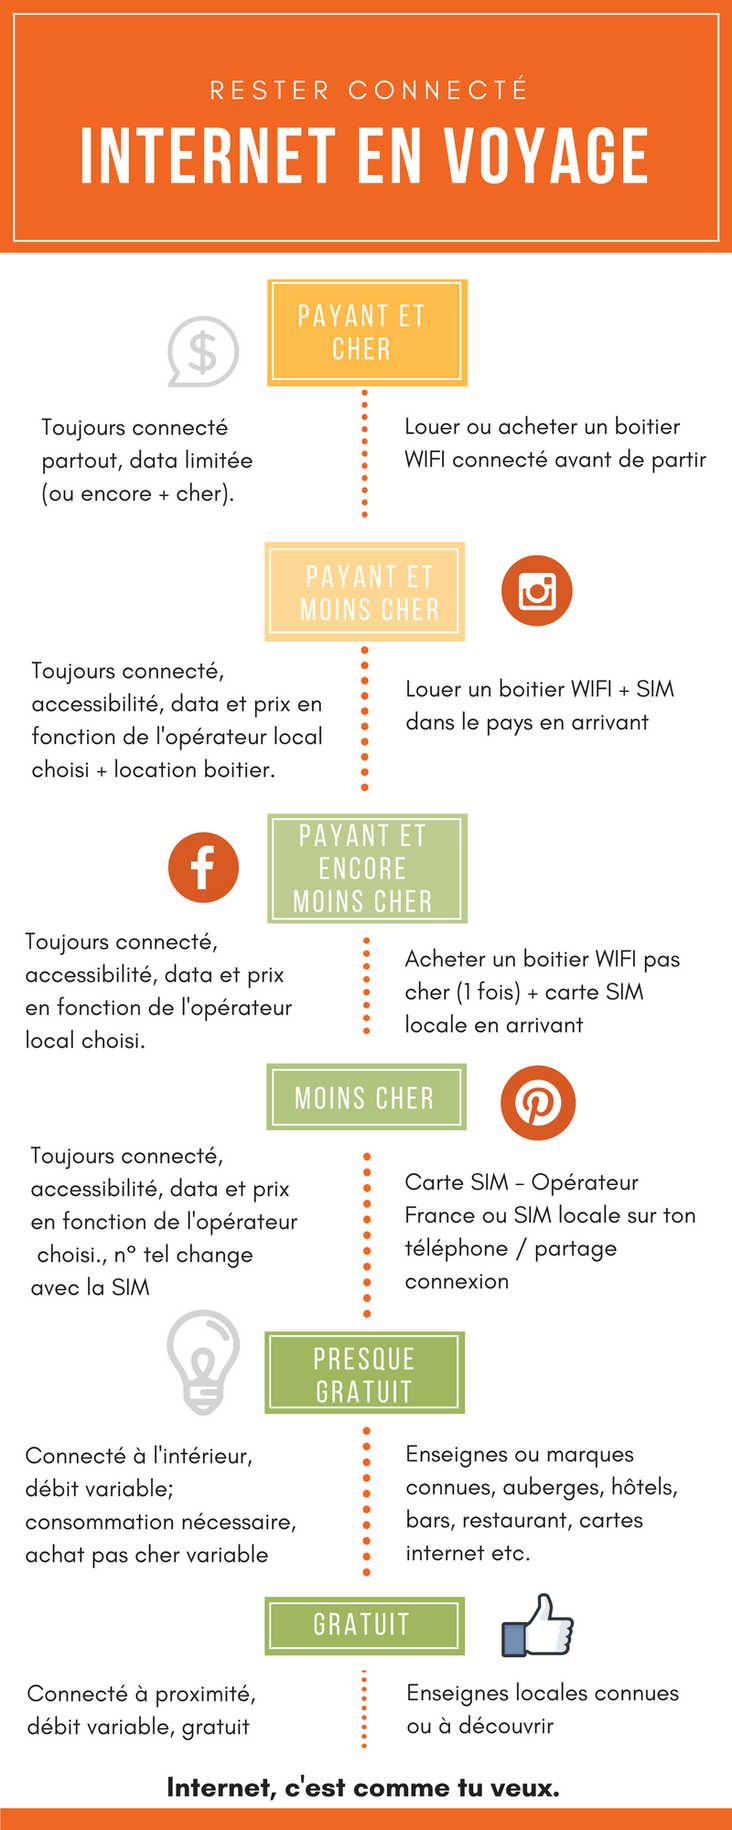 Internet en voyage - Infographie